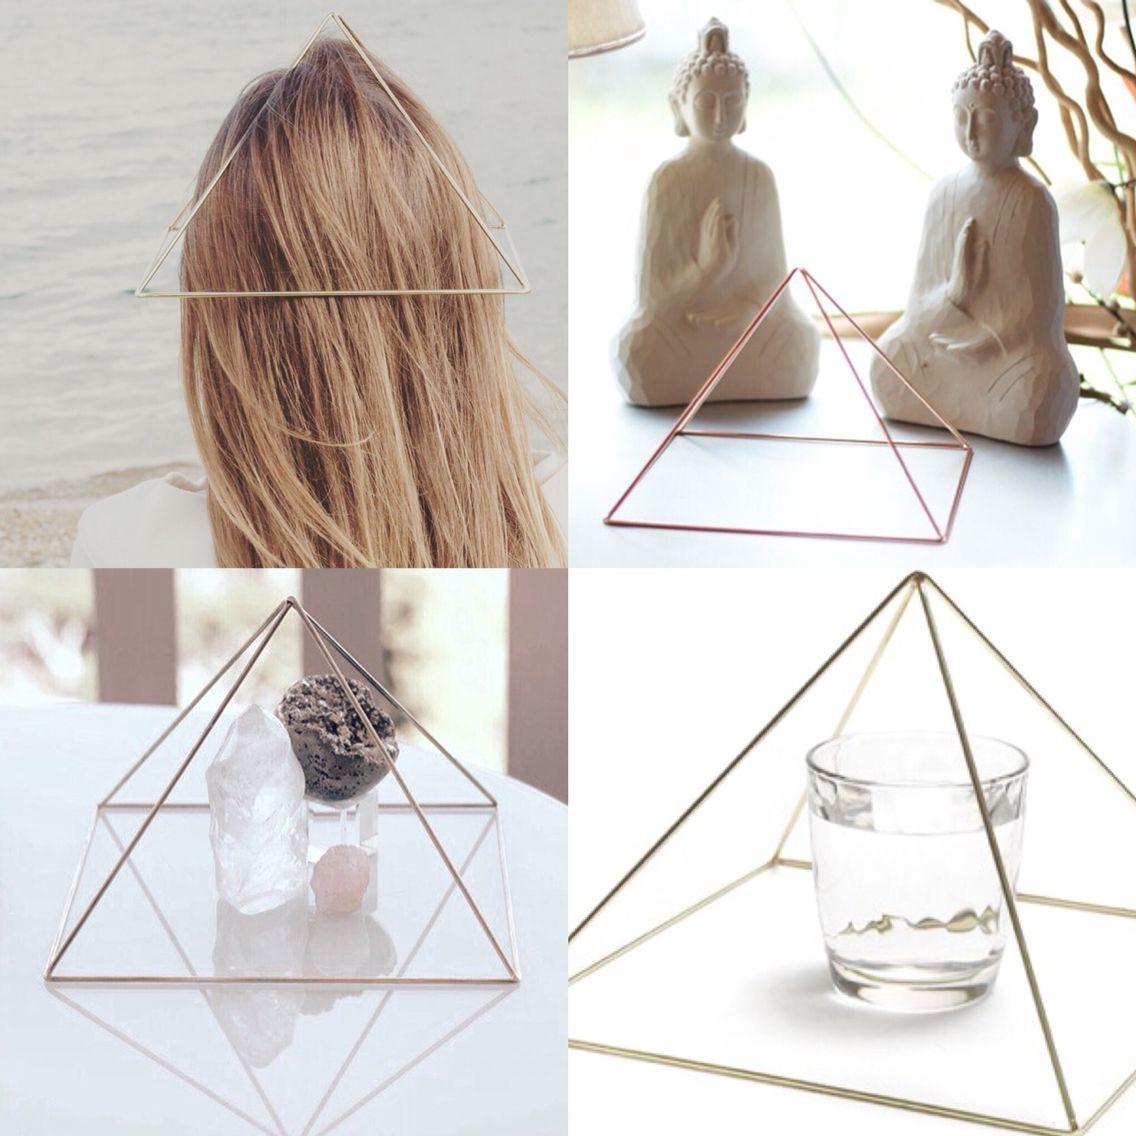 Benefits & uses of Meditation Pyramids • Raise consciousness